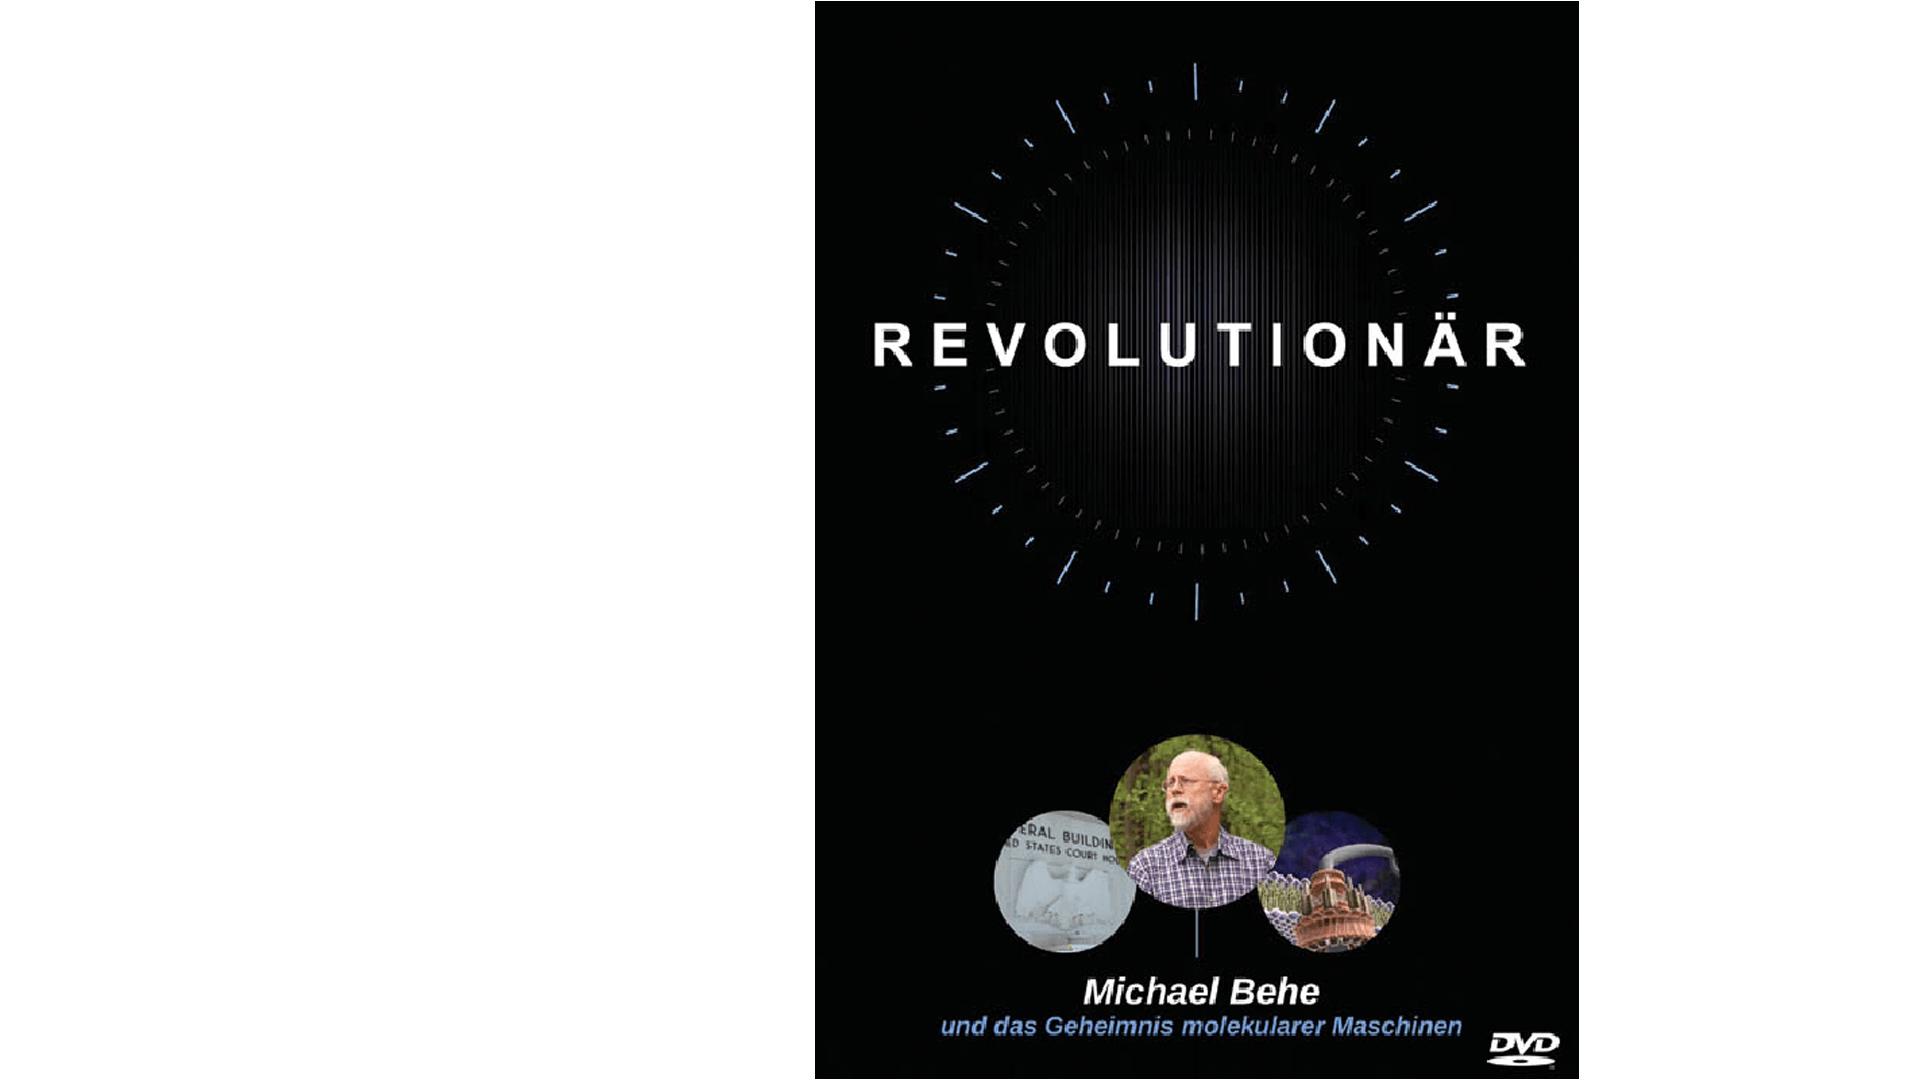 """""""Revolutionär. Michael Behe und das Geheimnis molekularer Maschinen"""", DVD, 56 Min., Discovery Institute, Deutsche Fassung: Drei Linden Filmproduktion, 16 Euro"""